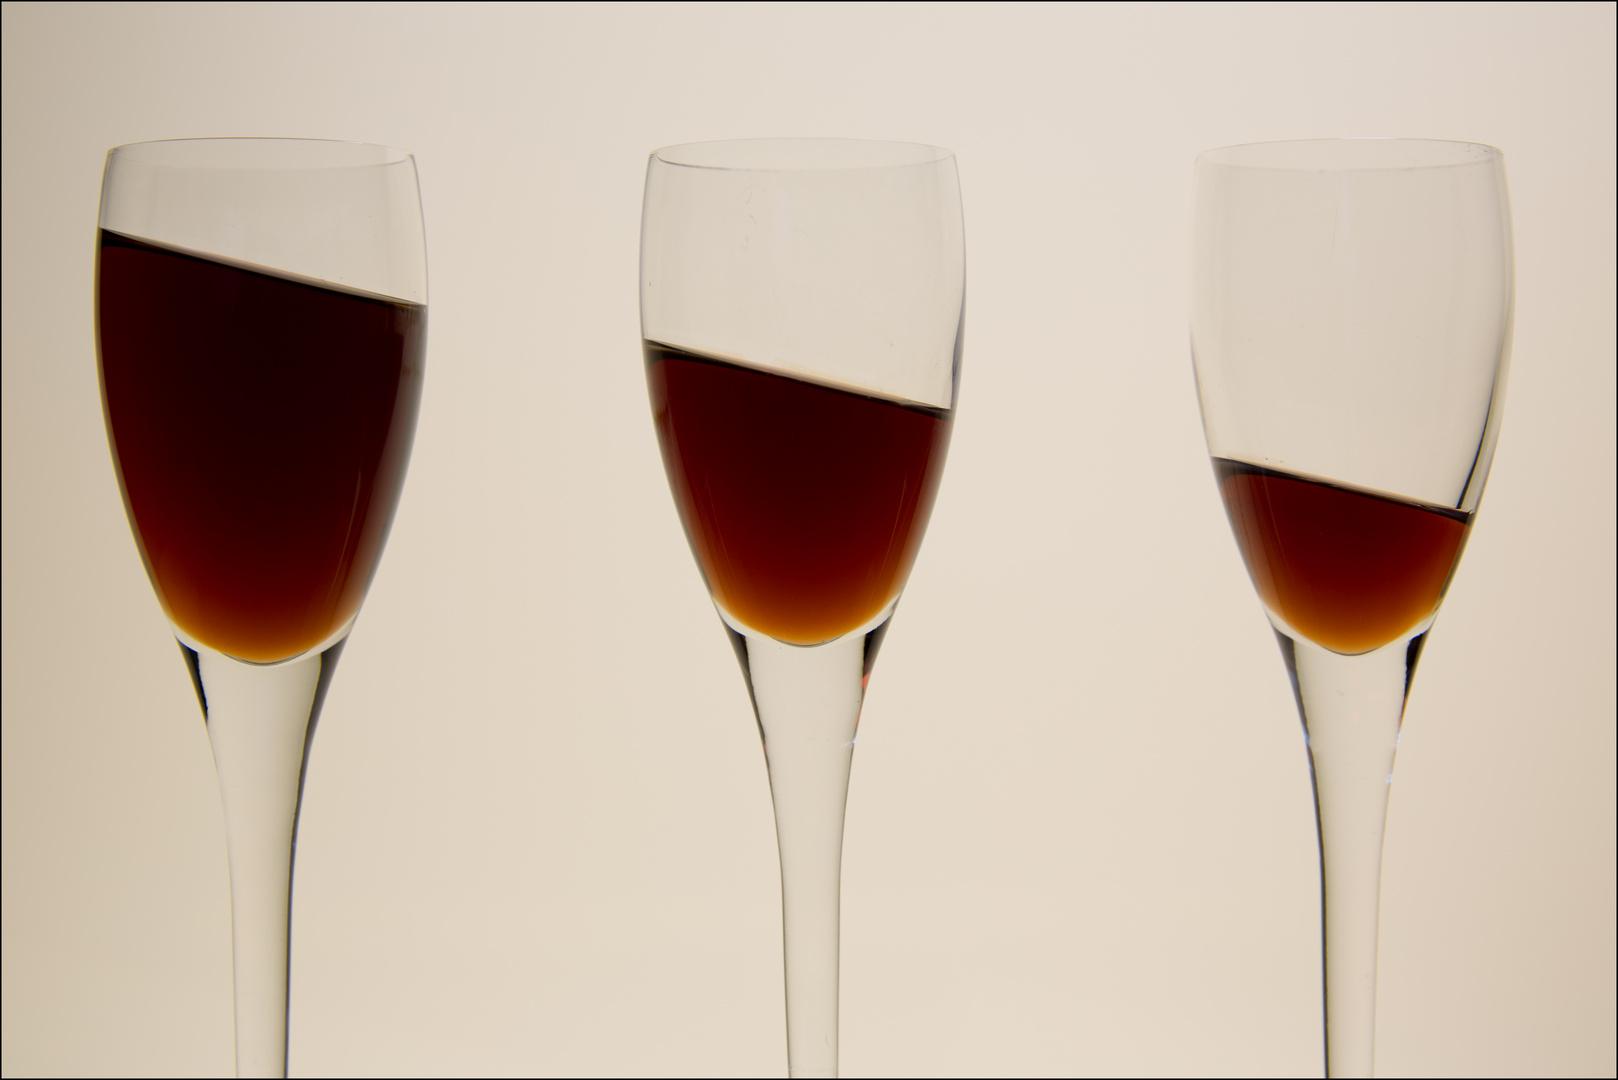 zuviel Wein getrunken????